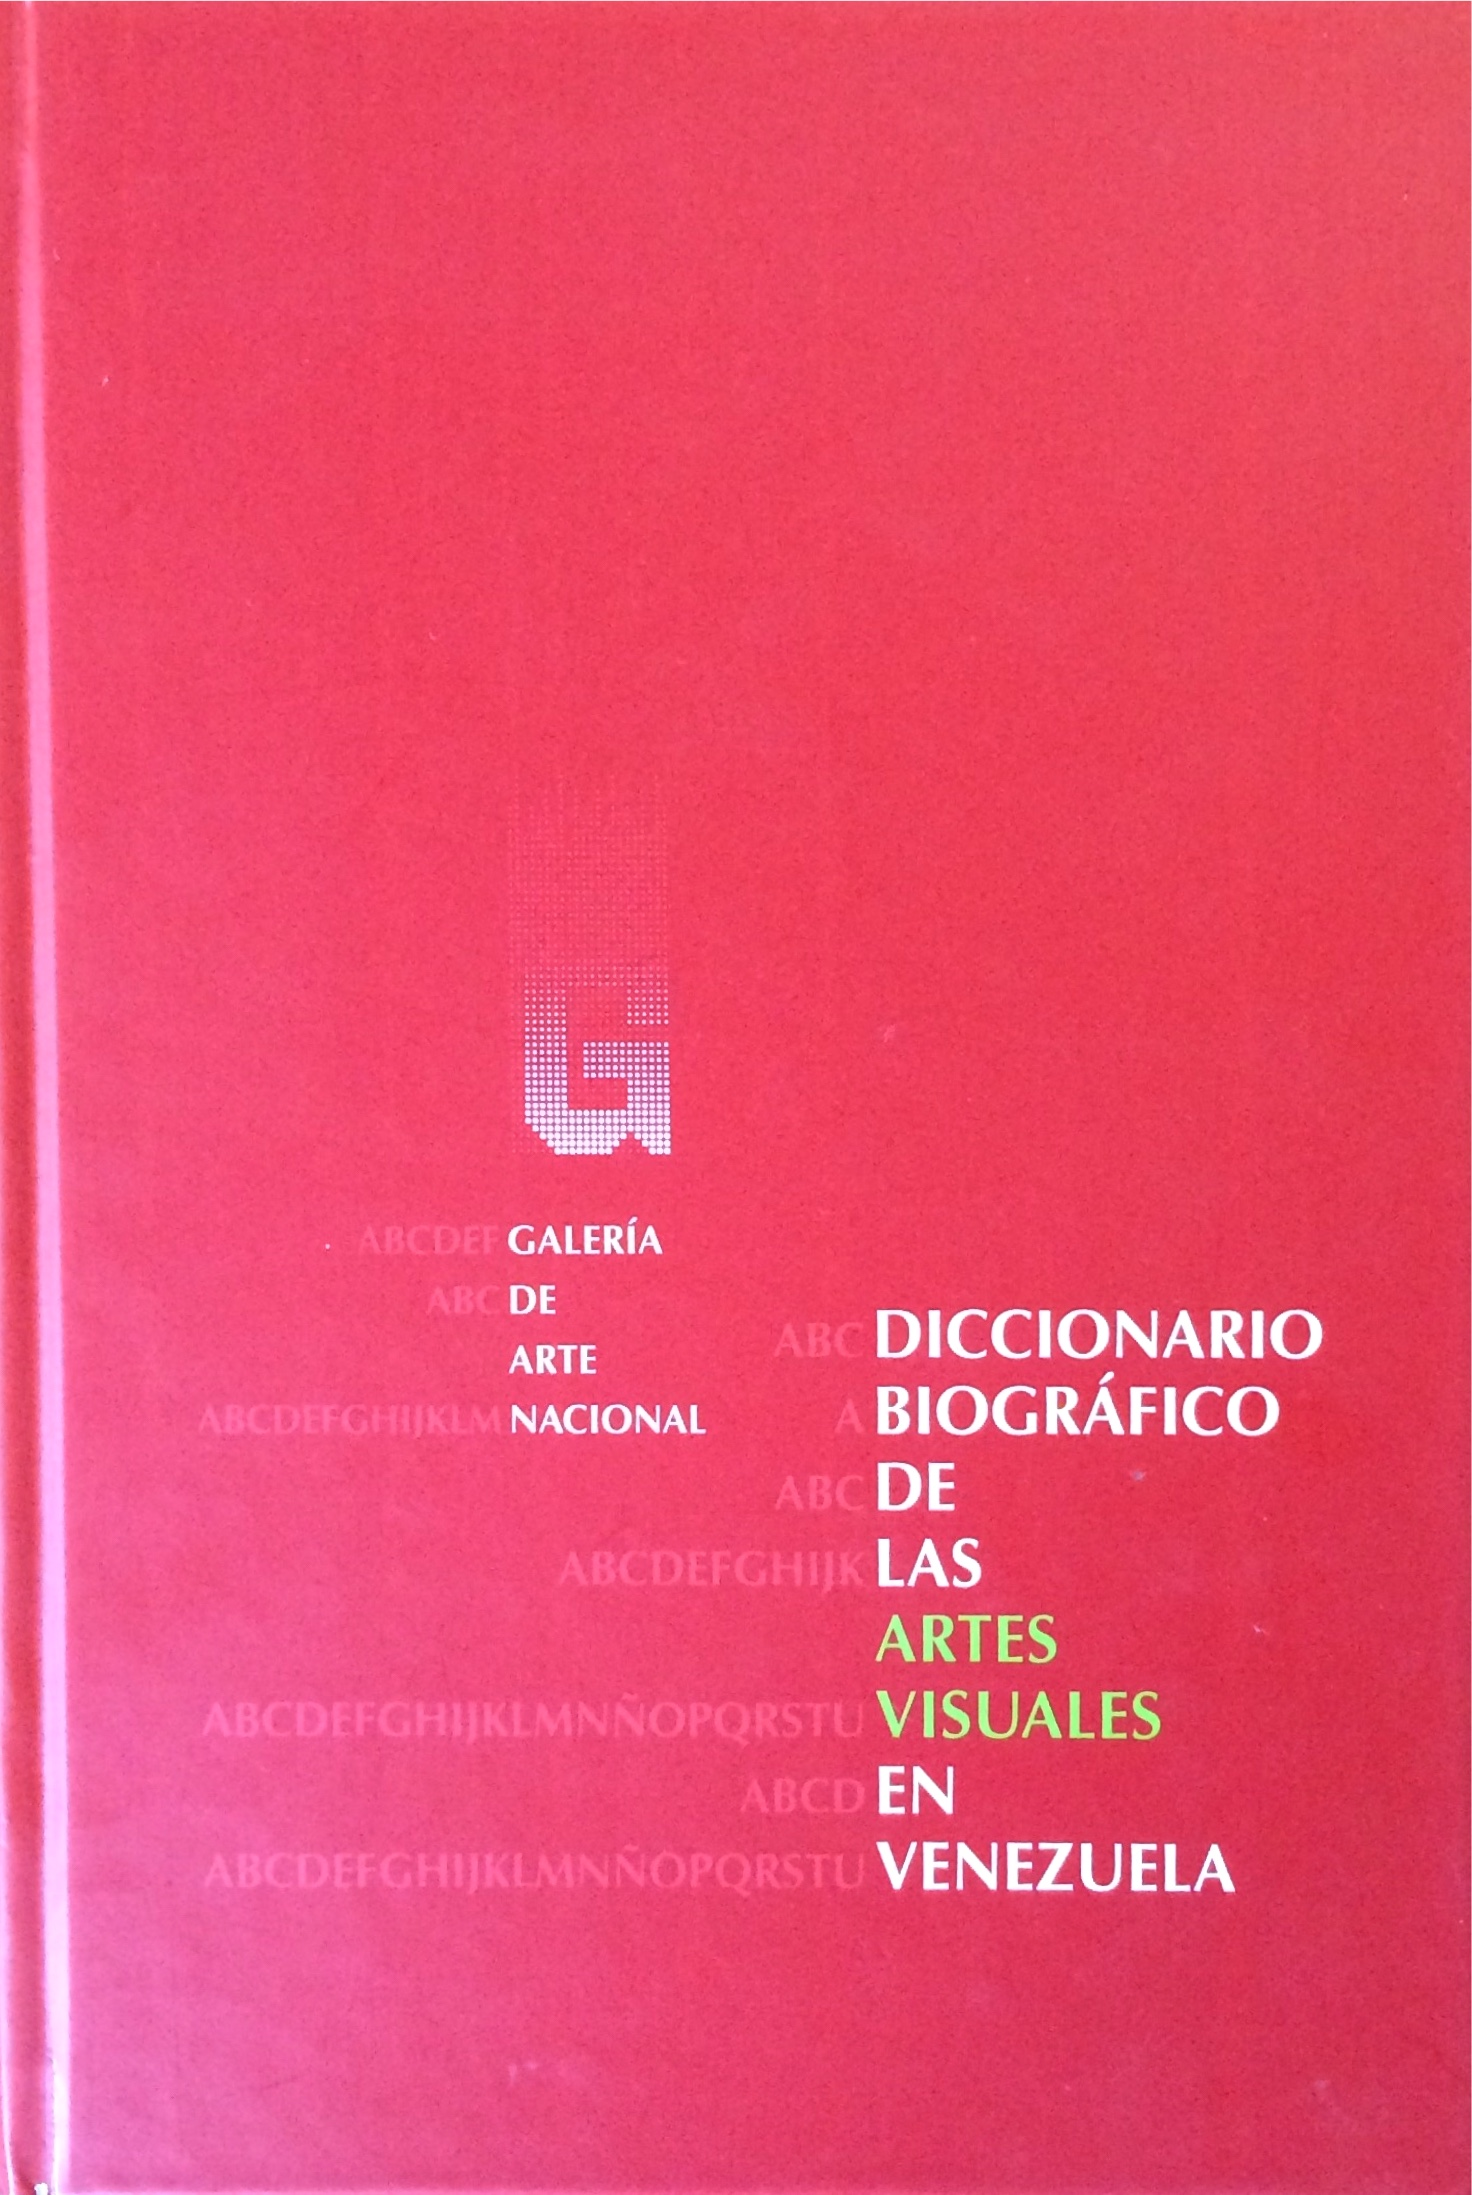 Diccionario de las artes visuales